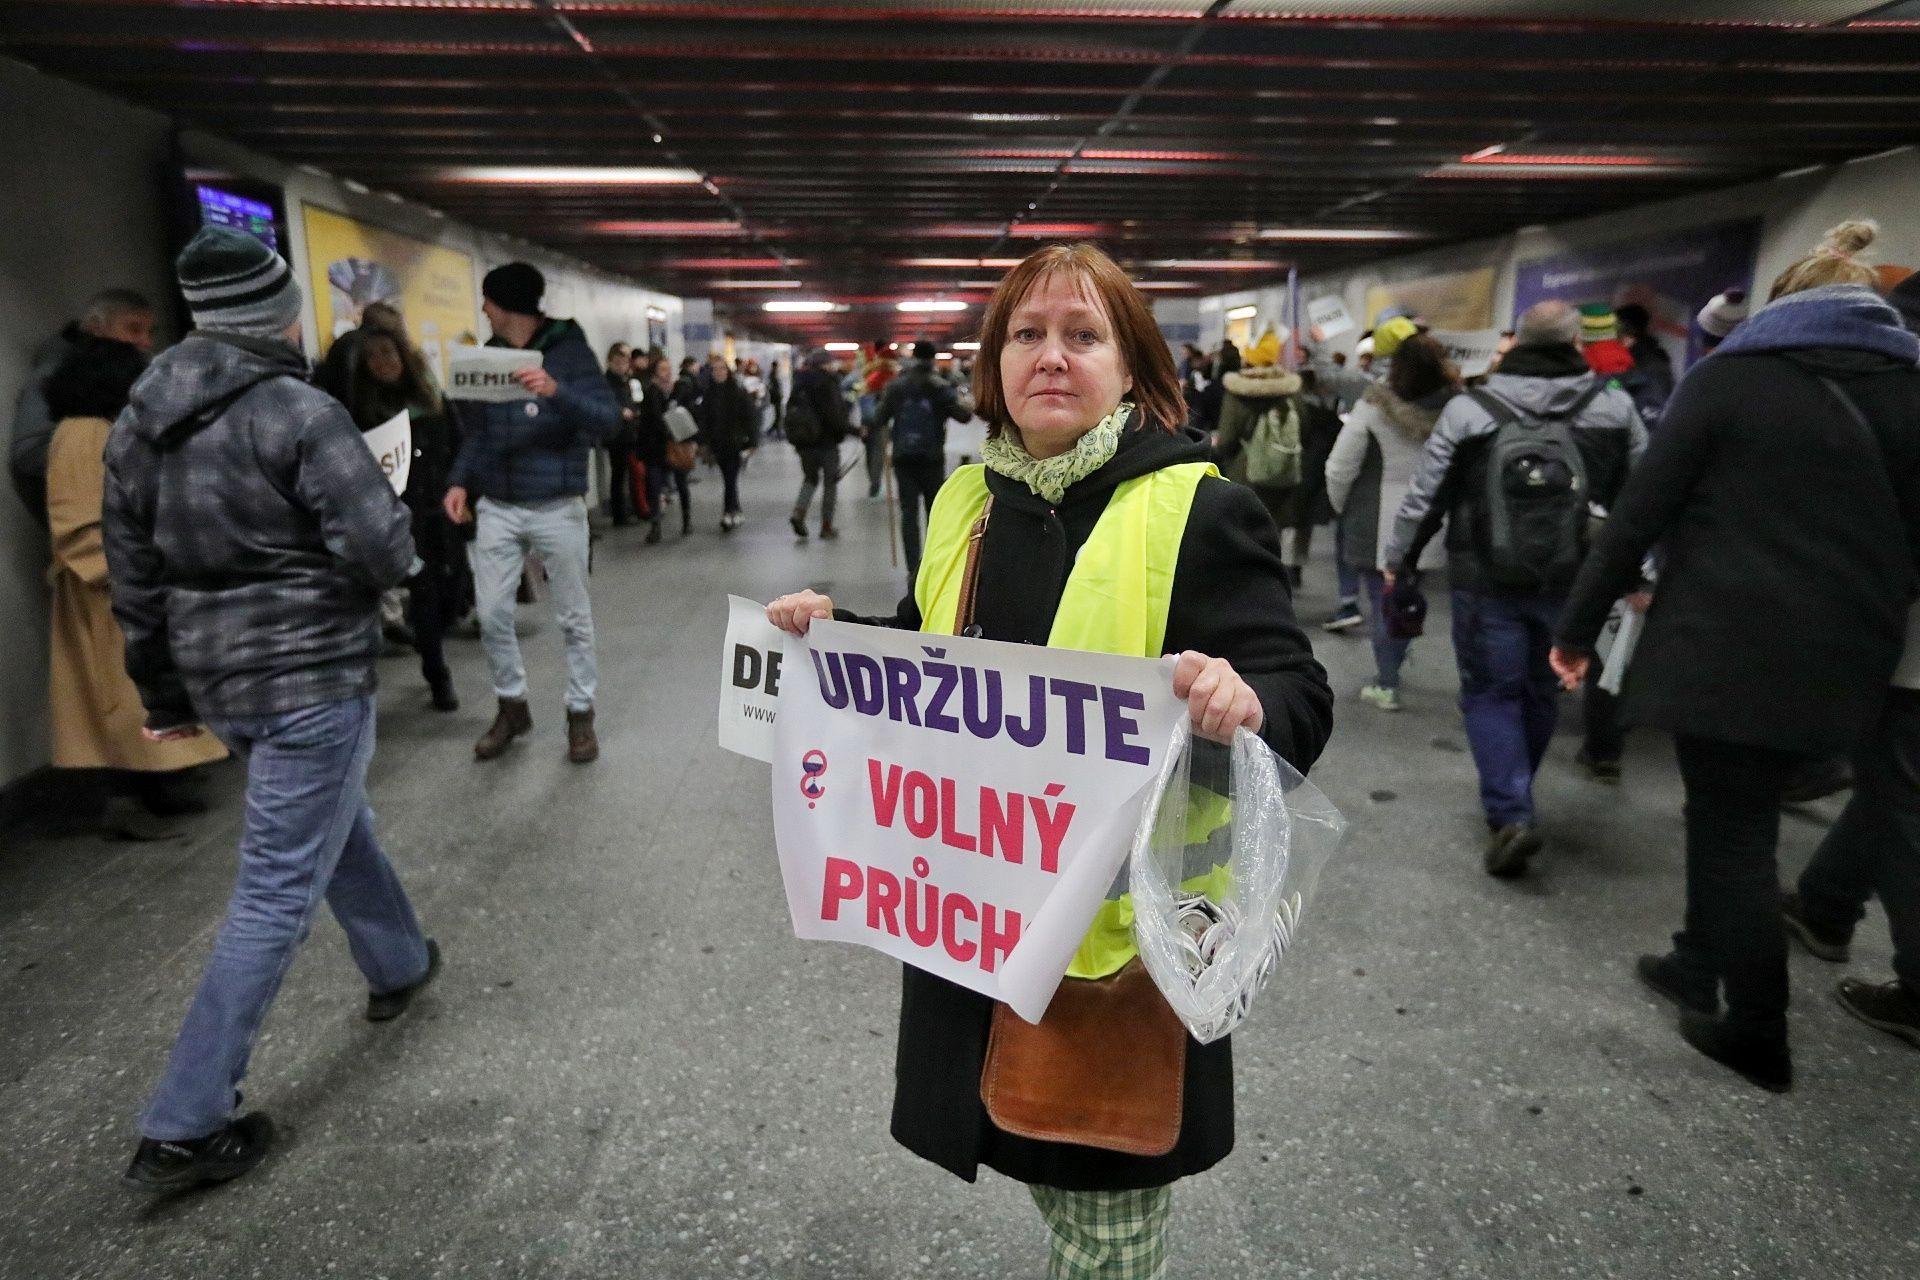 """""""Dodržujte volný průchod!"""" azaz, """"Engedjék a szabad átjárást!"""" felirattal a civil szervezet egyik aktivistáját látják a prágai Főpályaudvar egyik aluljárójában. Fotó: Jakub Pilhal, Aktualne.cz, ČTK"""